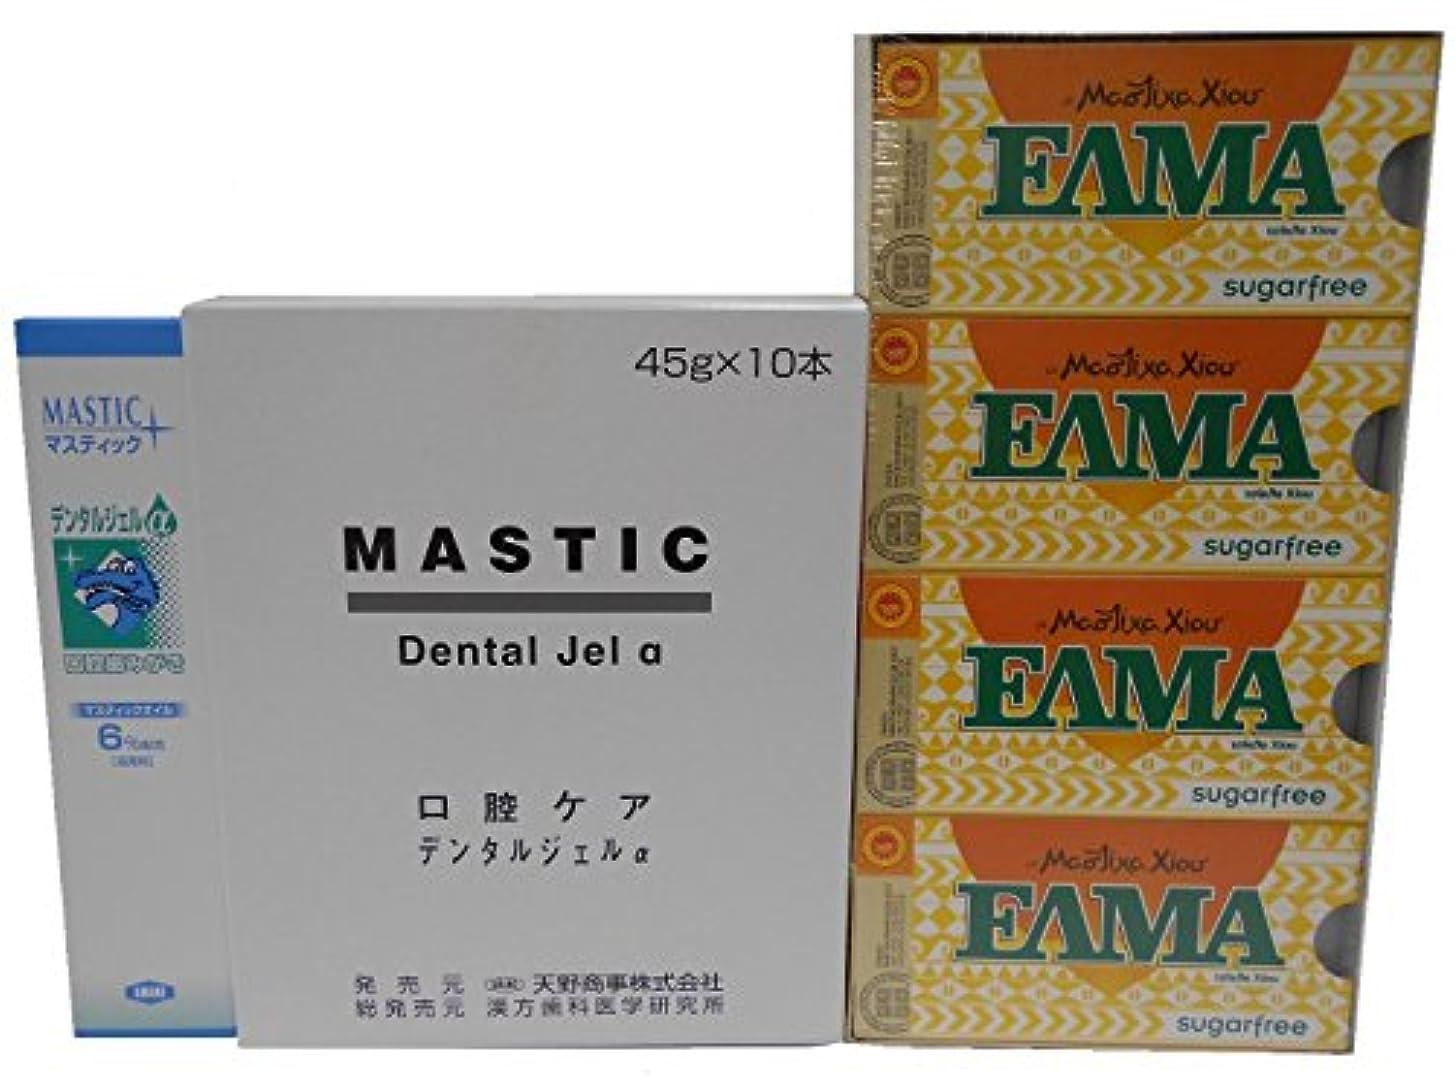 MASTIC マスティックデンタルジェルα45gX10個+ELMAマスティックガム(10粒x20シート入り)1箱セット